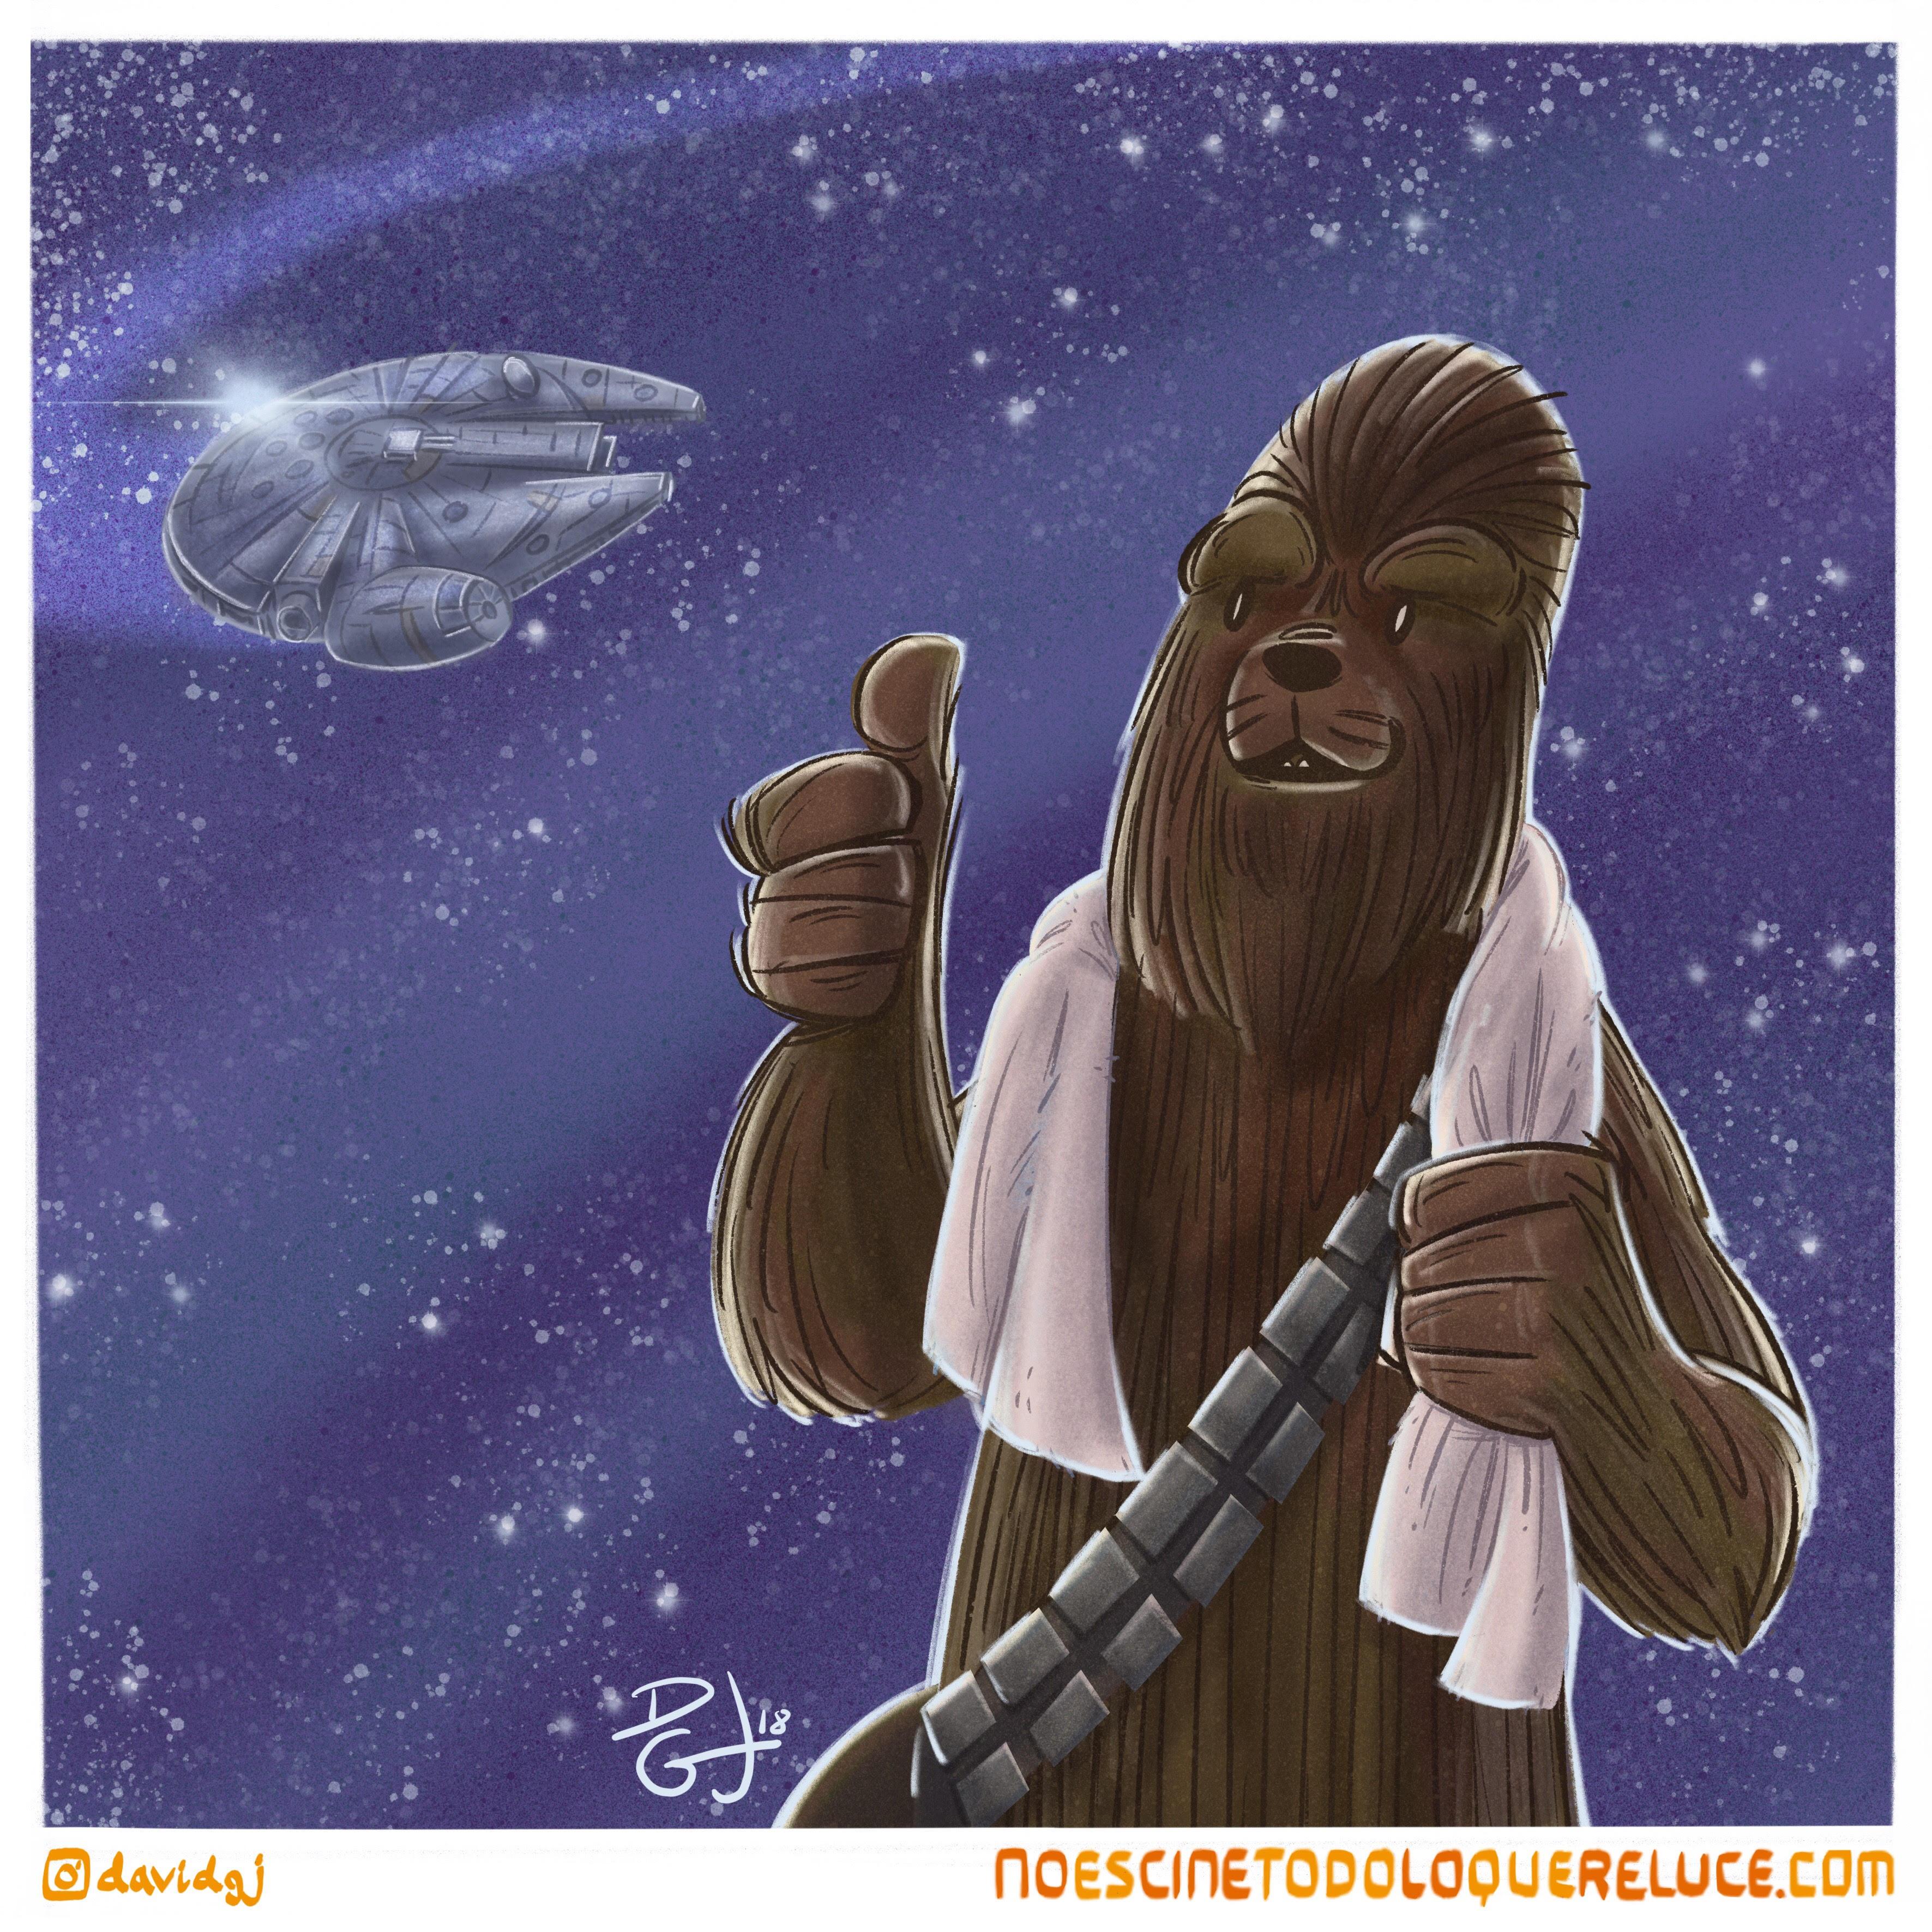 Celuloide Ilustrado: Chewbacca celebra el Día de la toalla